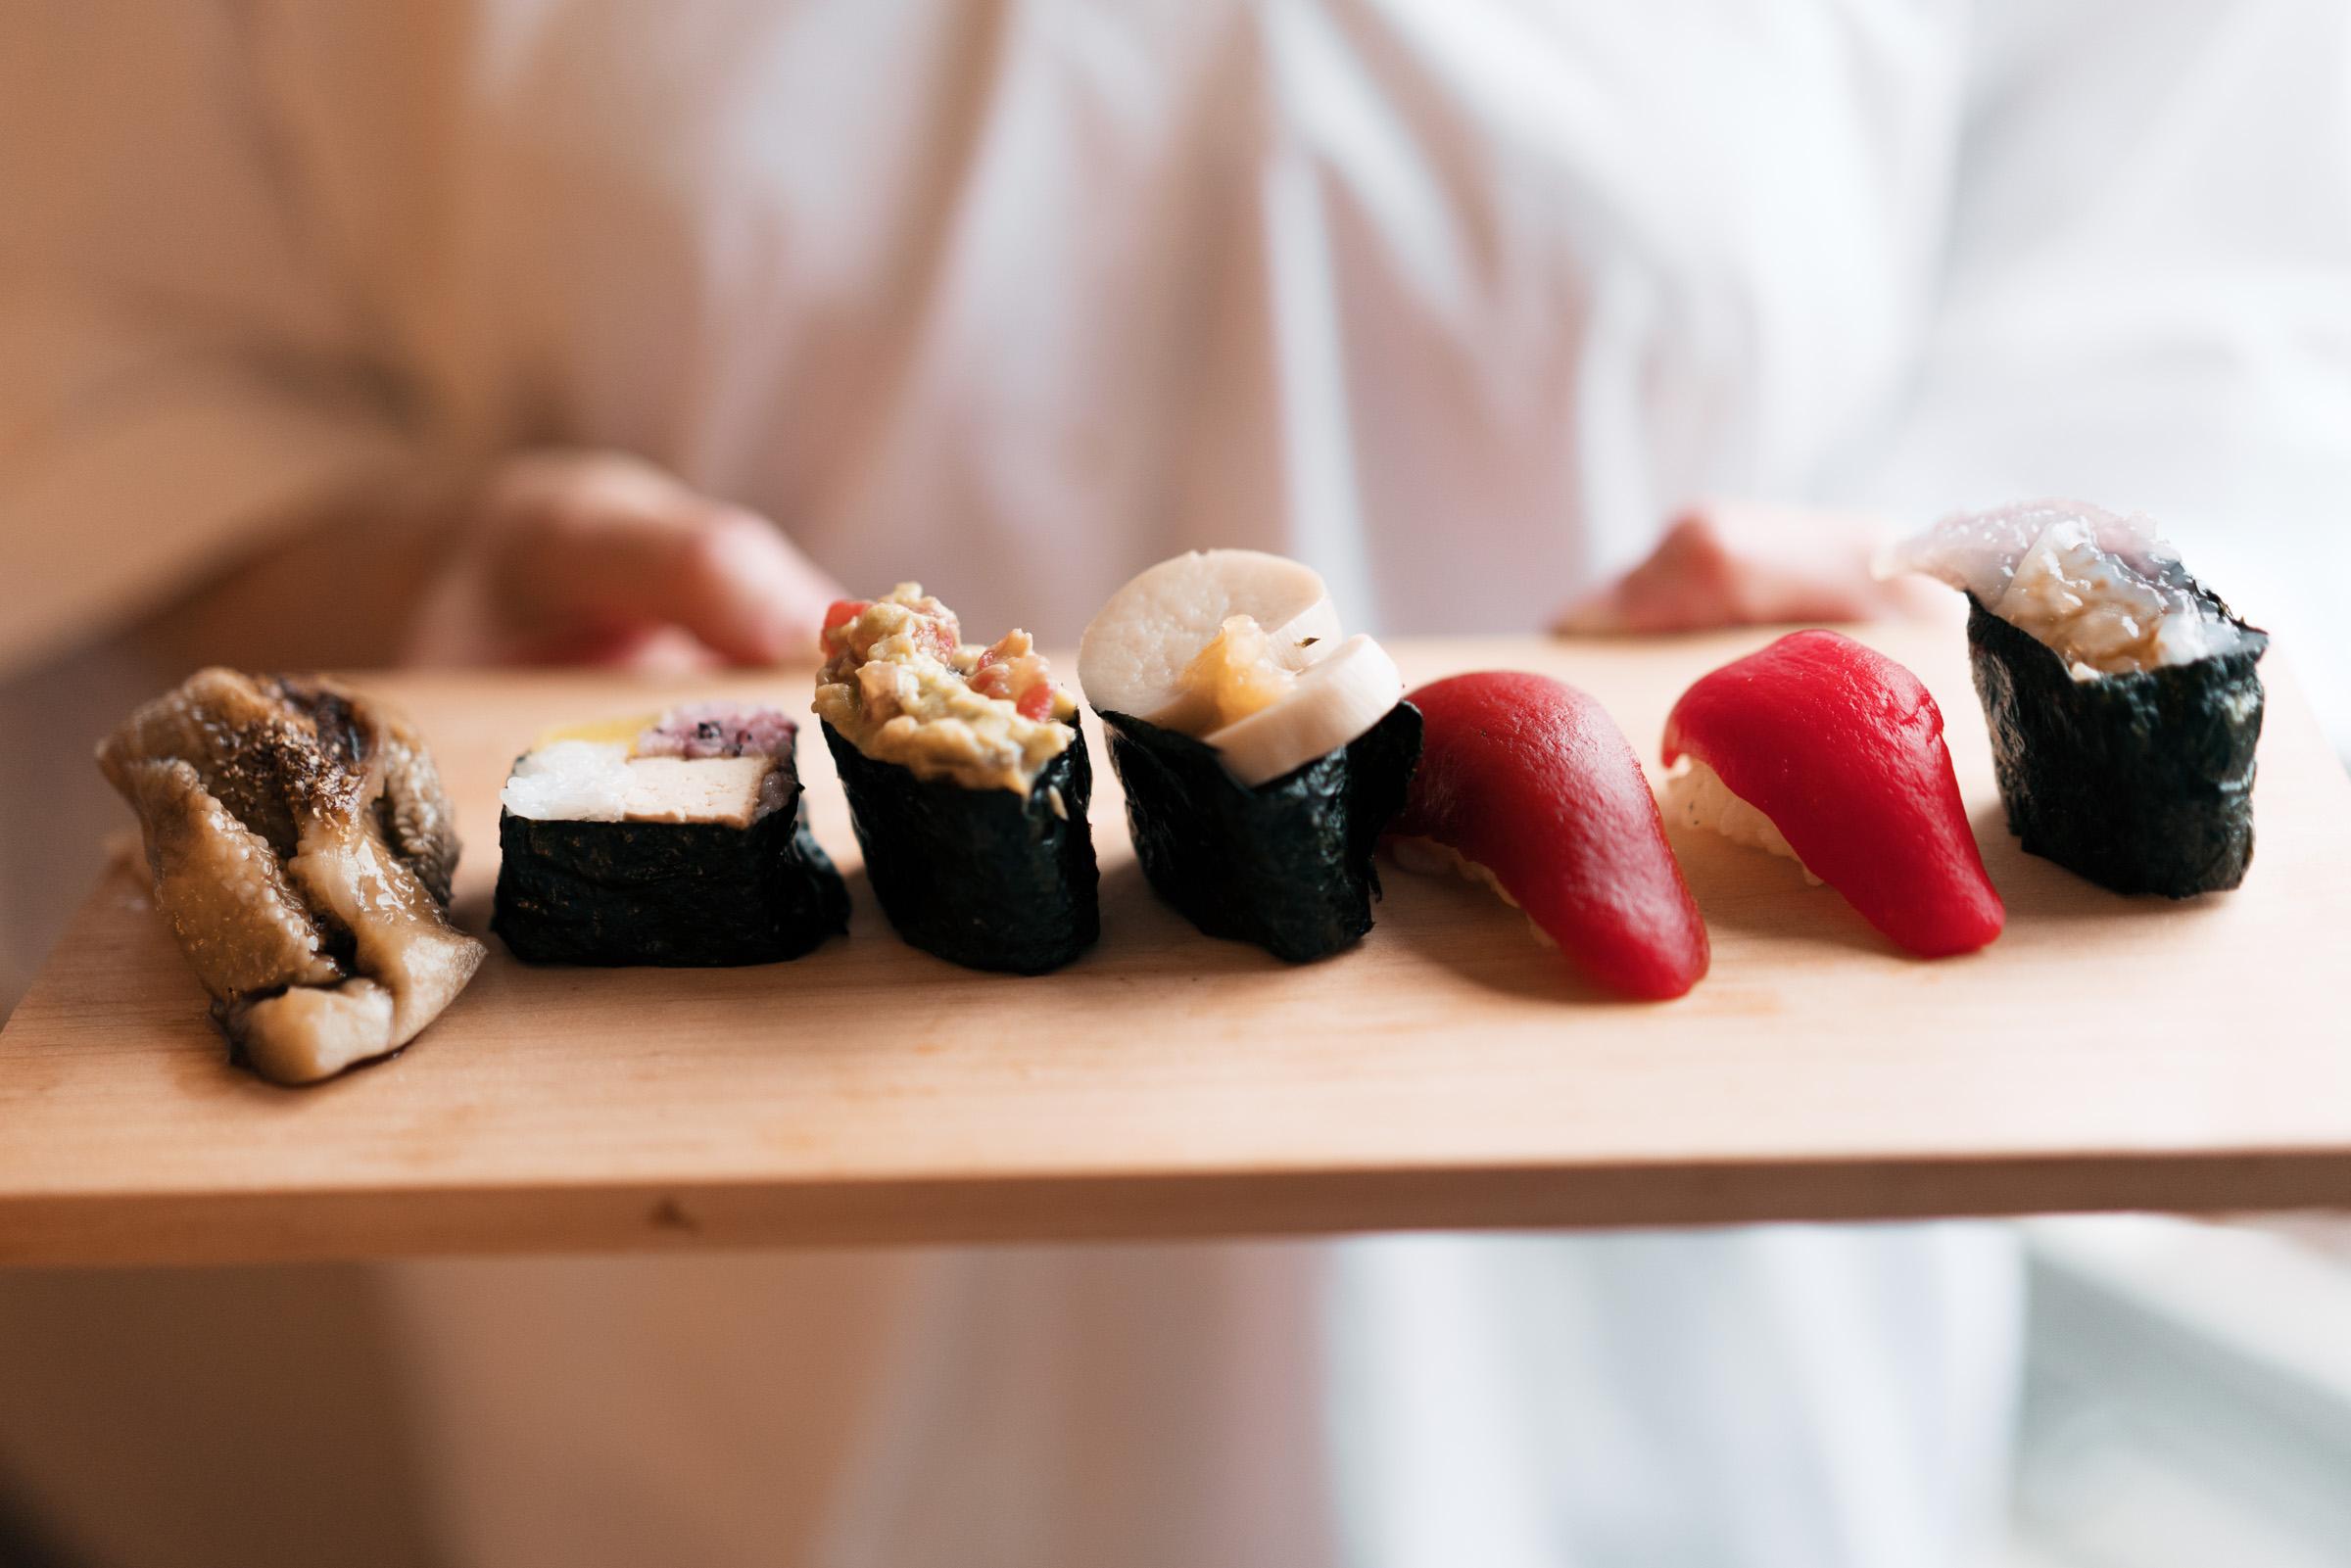 Vegan Sushi Tasting